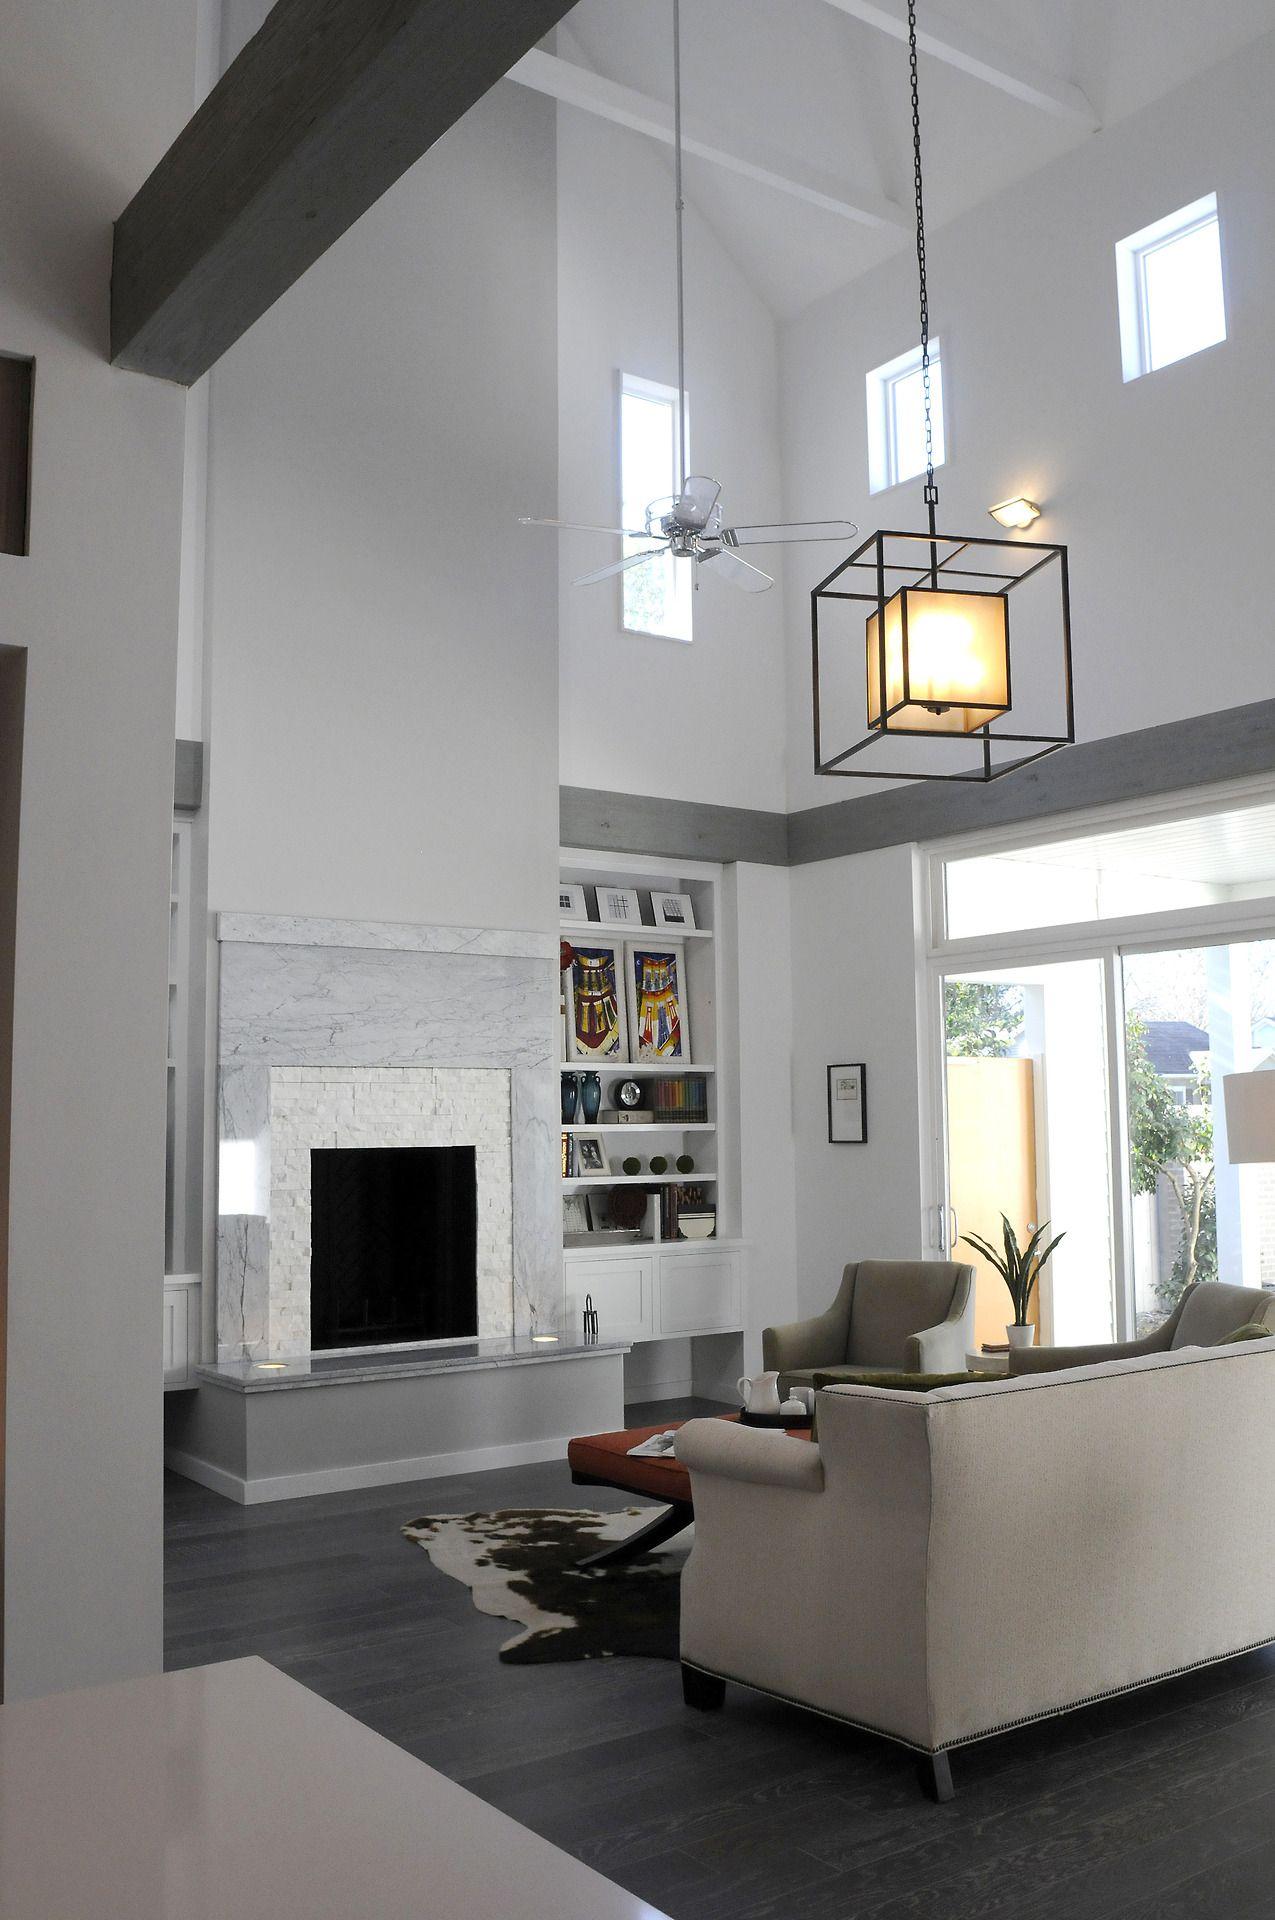 Zaunbrecher Design (architect) And Design By Todd (interiors) Lafayette LA